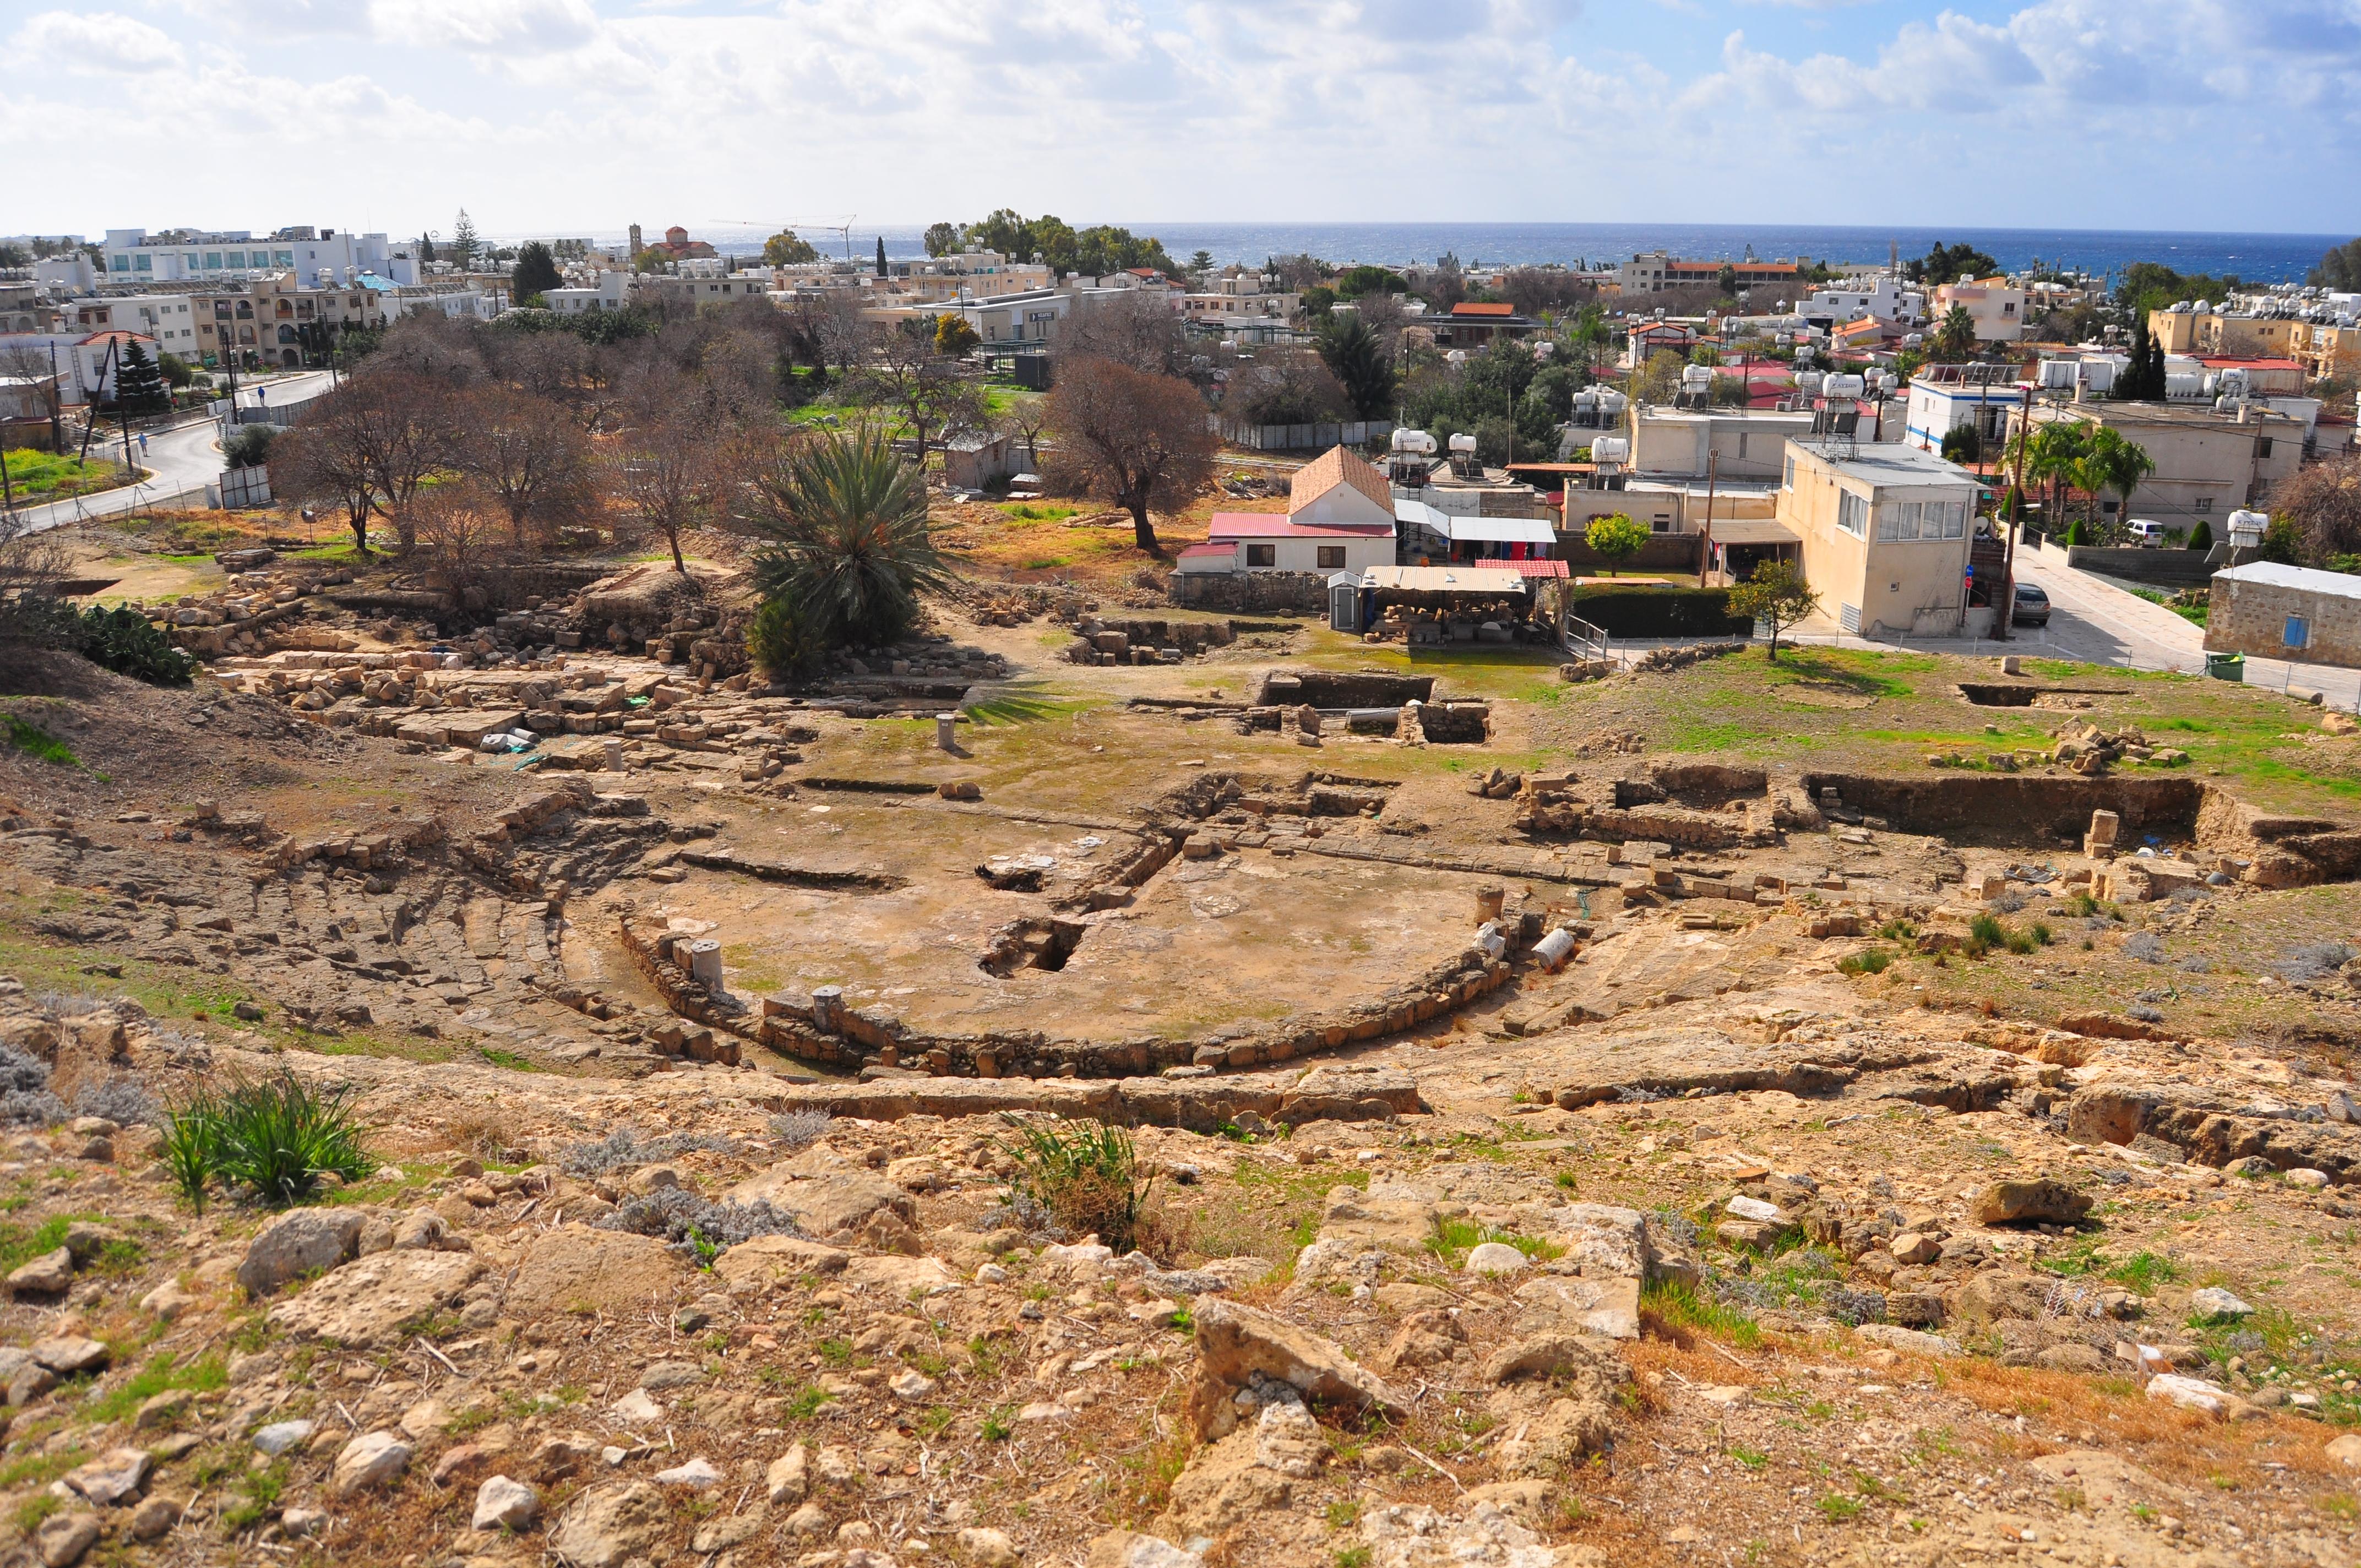 Teatrul antic nesemnalizat pe hărţile turistice. Paphos.